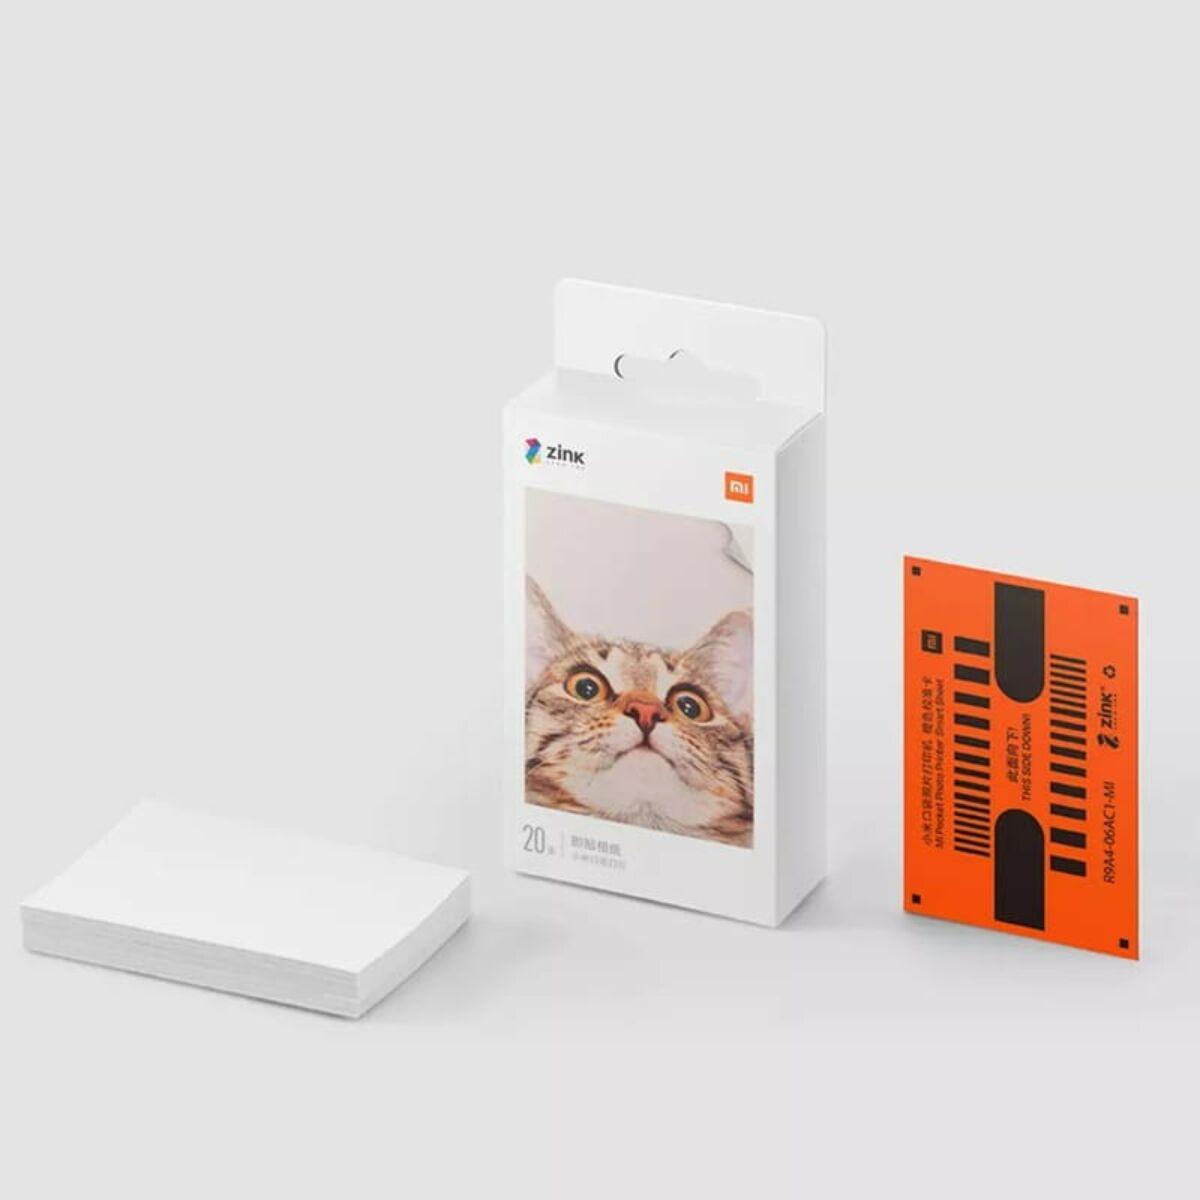 Xiaomi Mi hordozható fotónyomtató papír (2x3-inch, 20db) EU